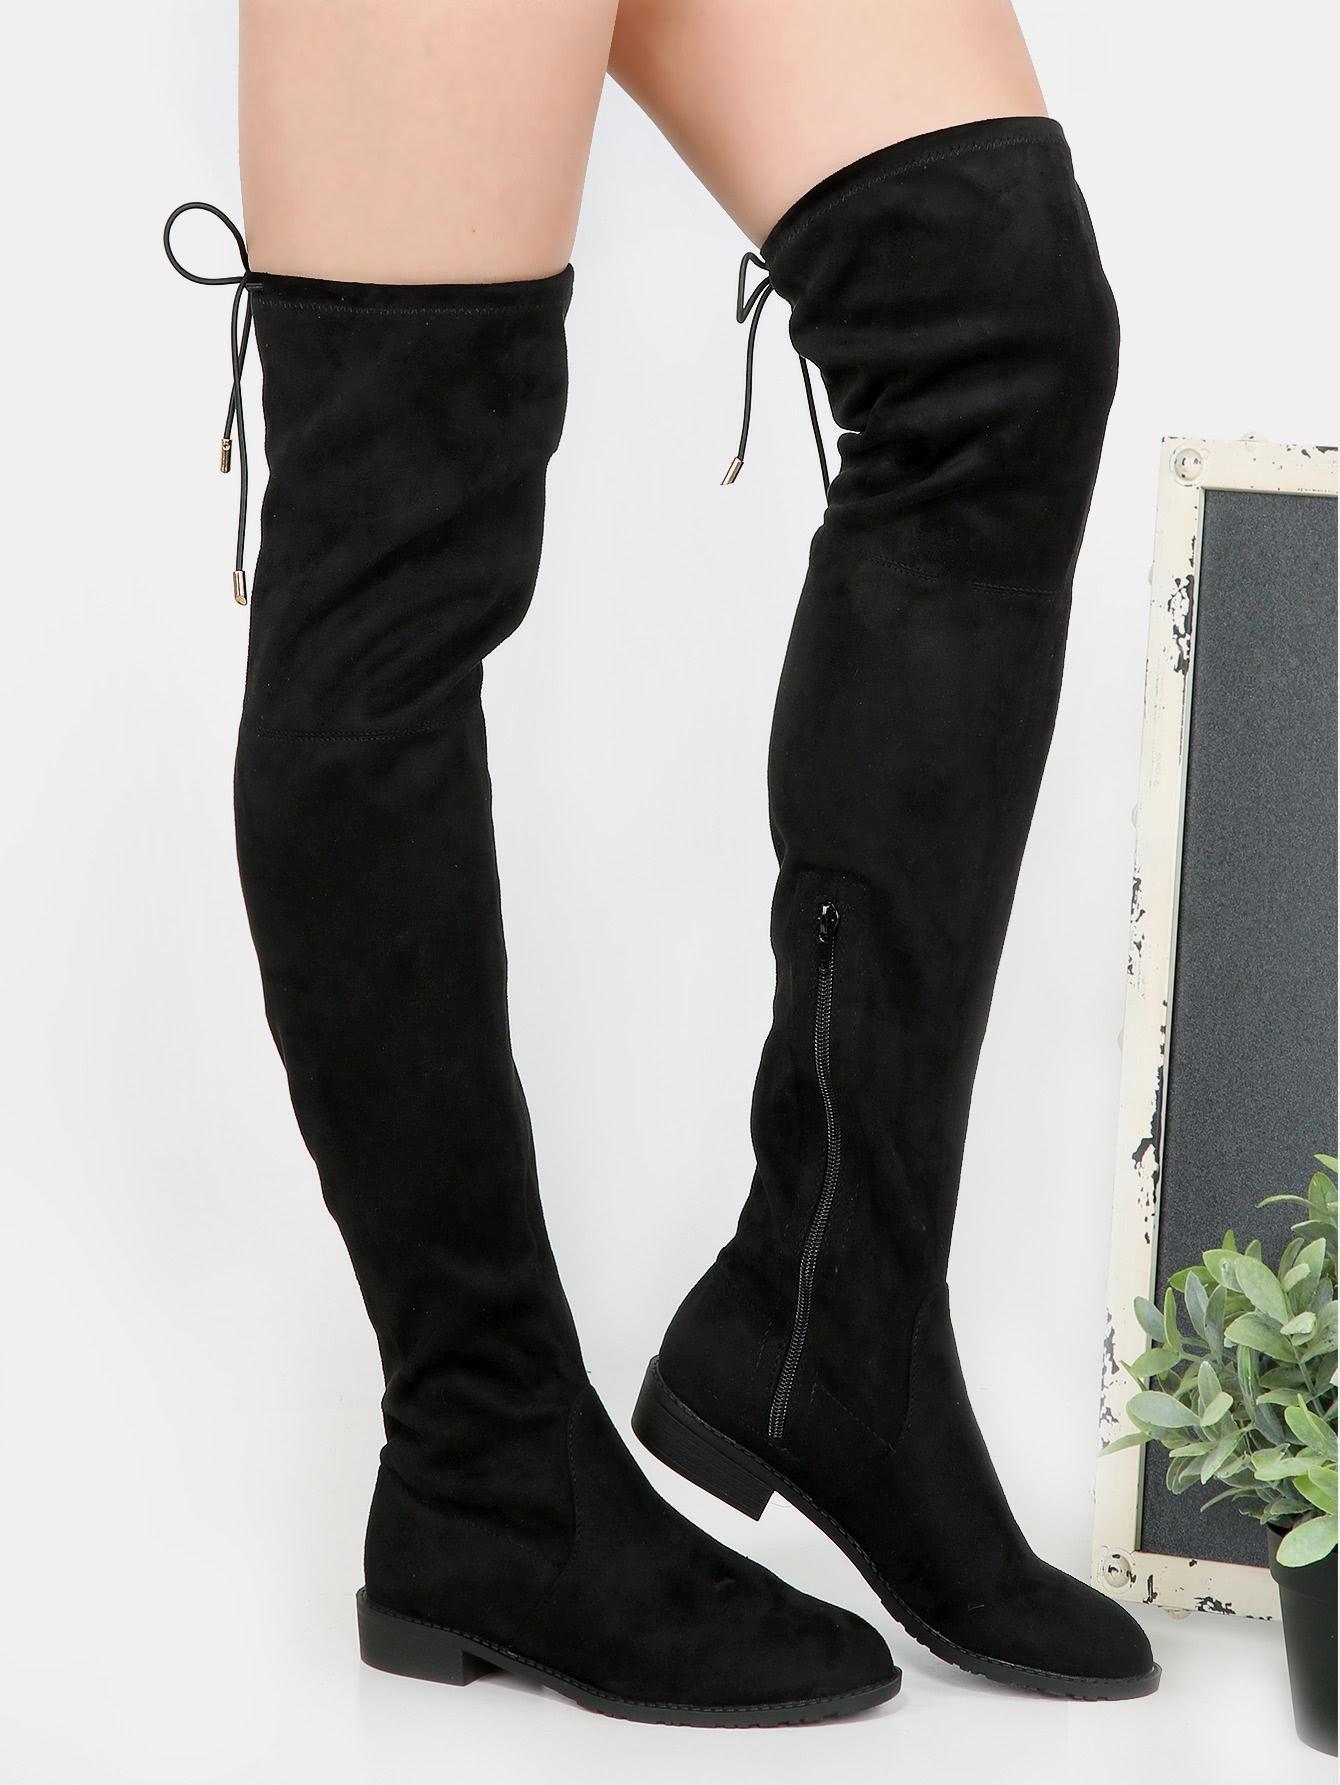 86effb72c58  MakeMeChic -  MAKEMECHIC Flat Heel Thigh High Boots BLACK - AdoreWe.com